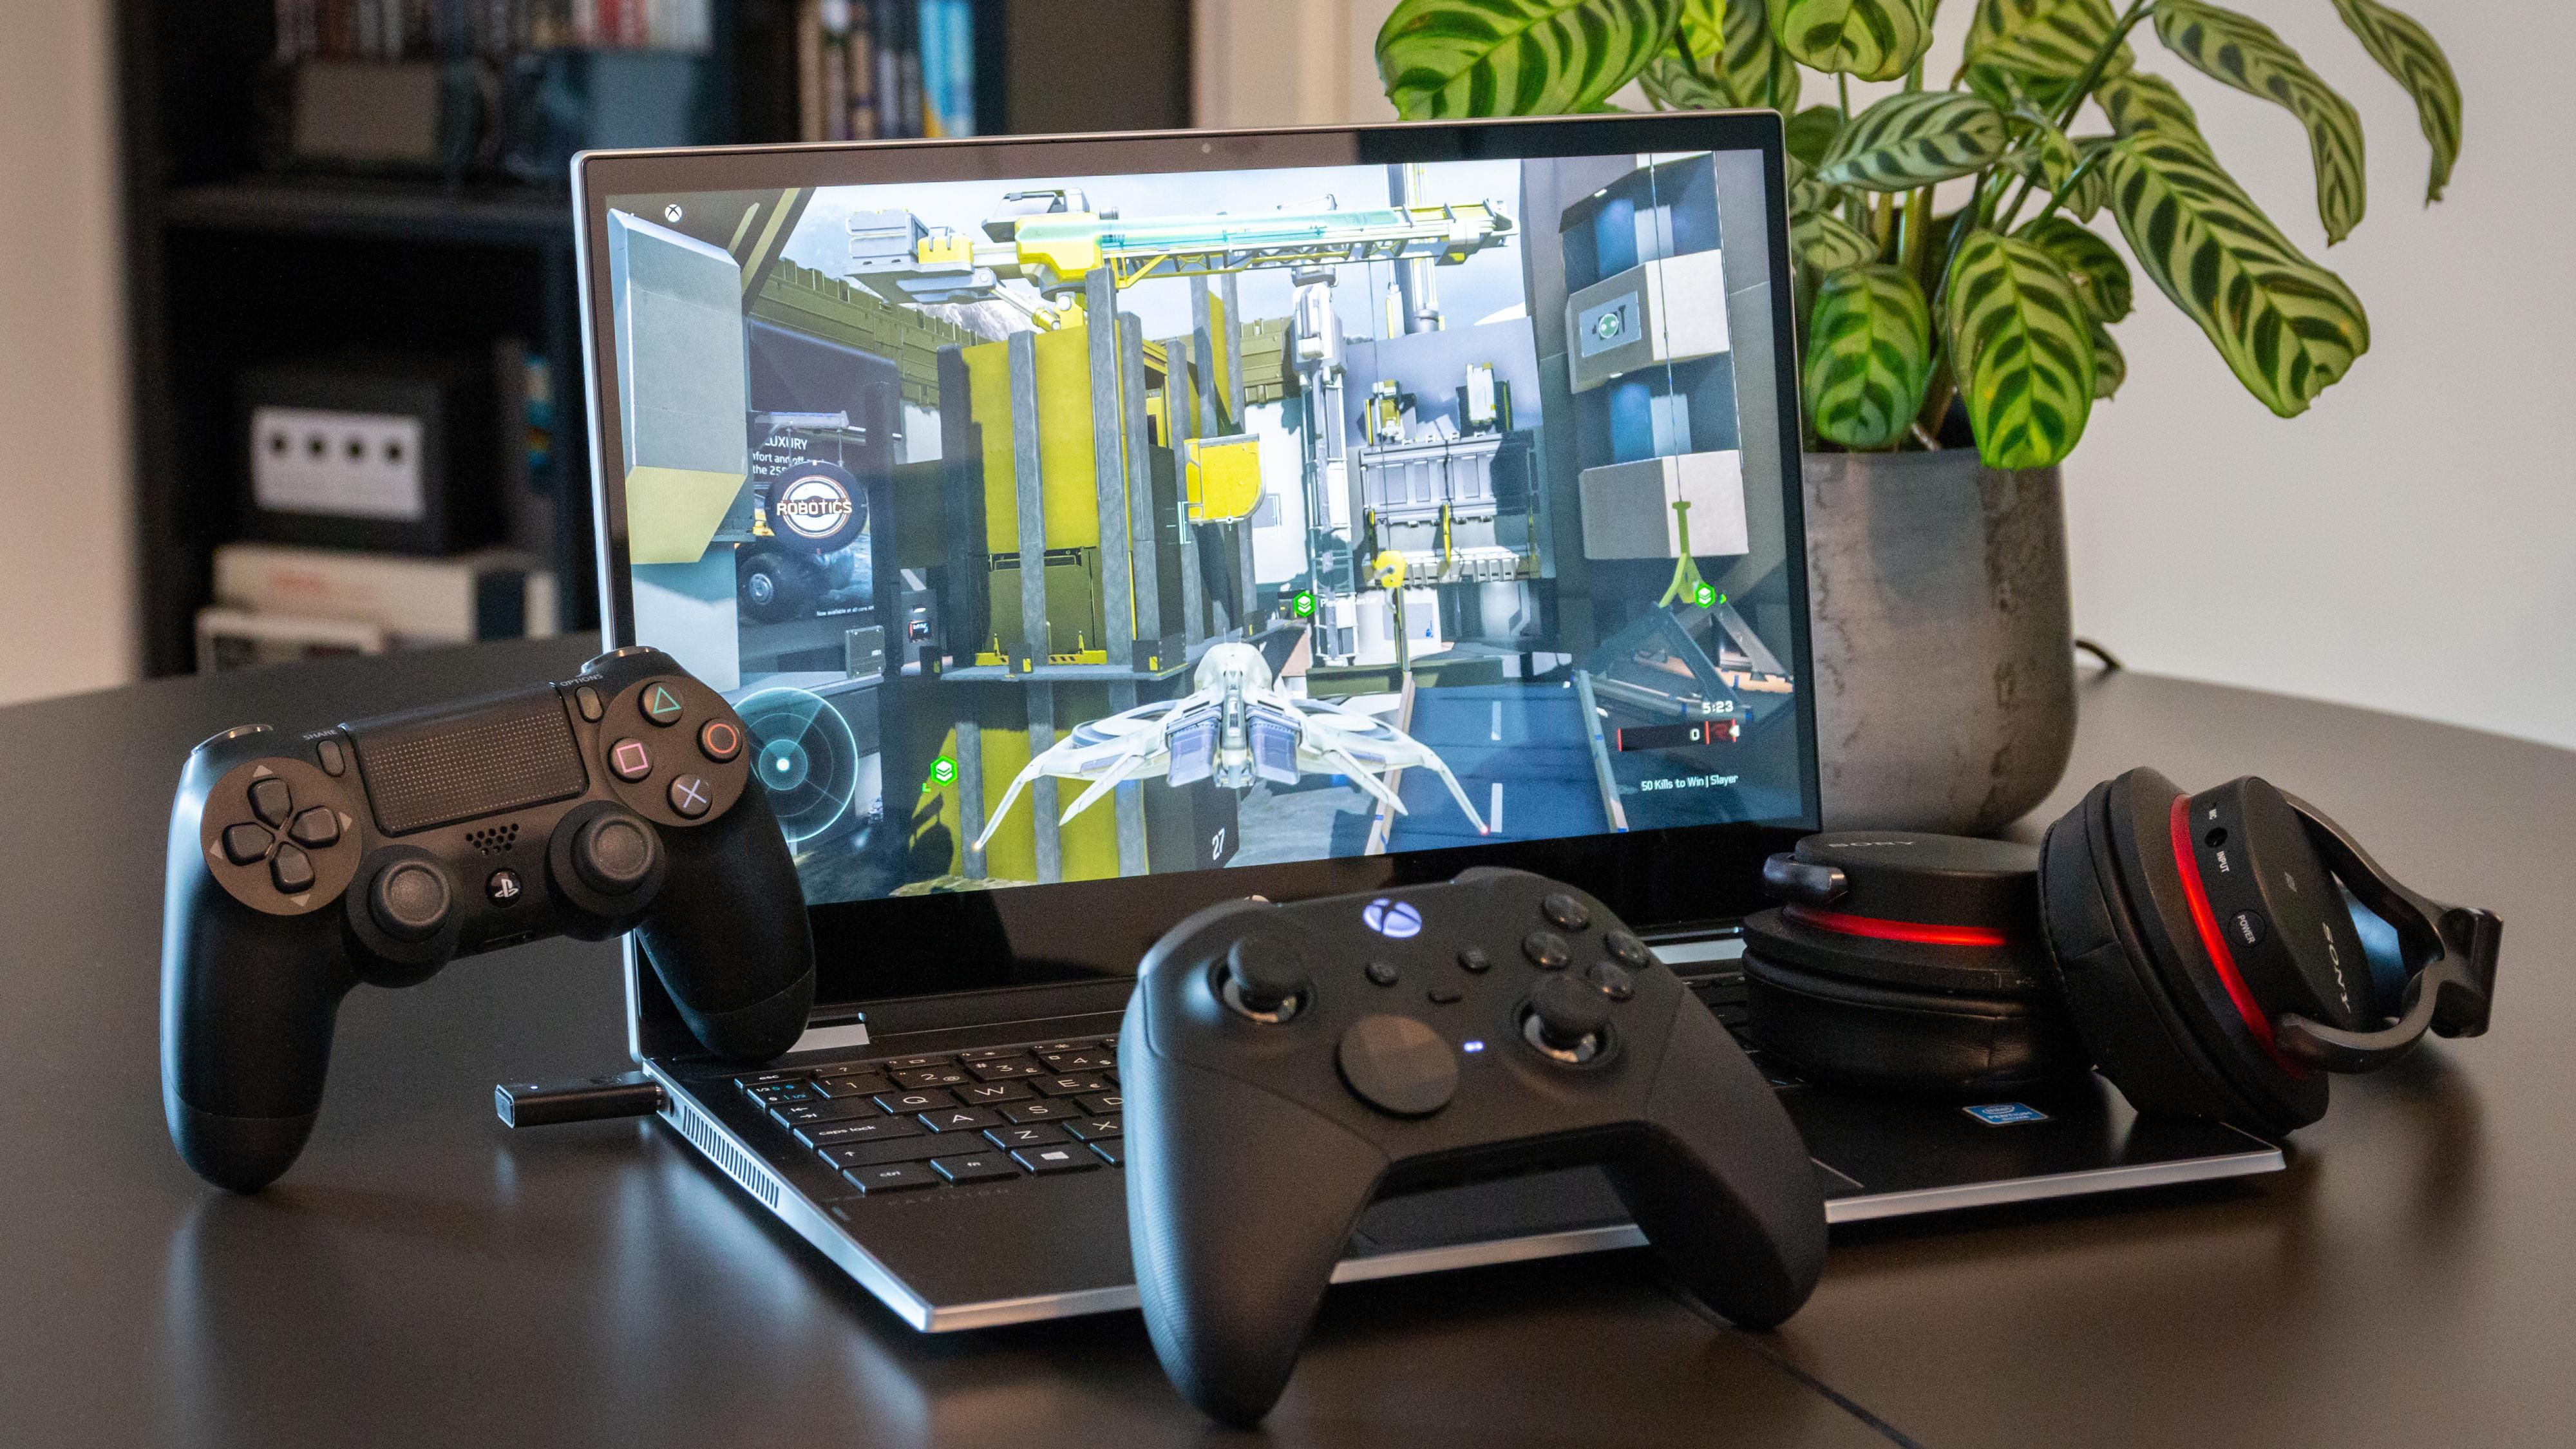 Med en spillstrømmetjeneste kan du for eksempel spille Xbox-spillet Halo 5 på en enkel Windows-bærbar.